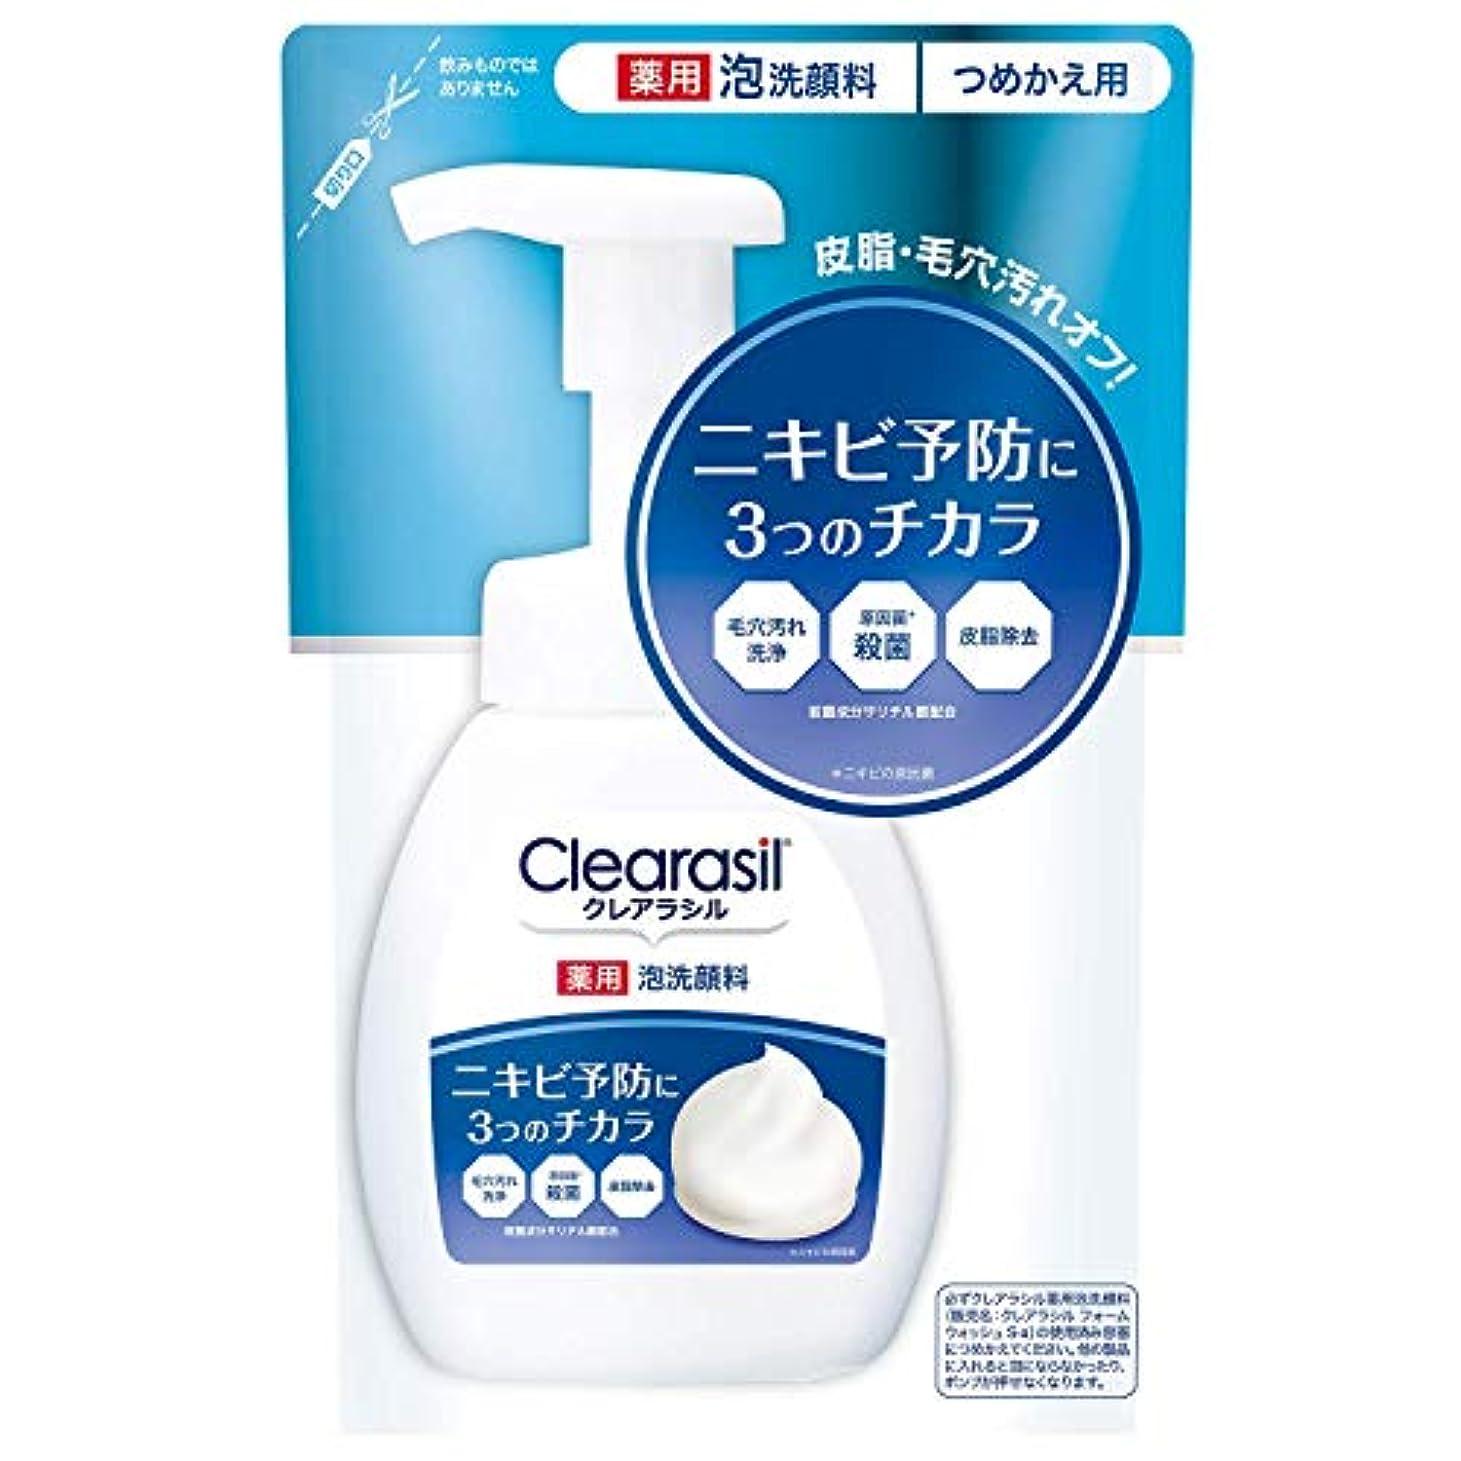 テメリティ信仰一握り【clearasil】クレアラシル 薬用泡洗顔フォーム10 つめかえ用 (180ml) ×10個セット